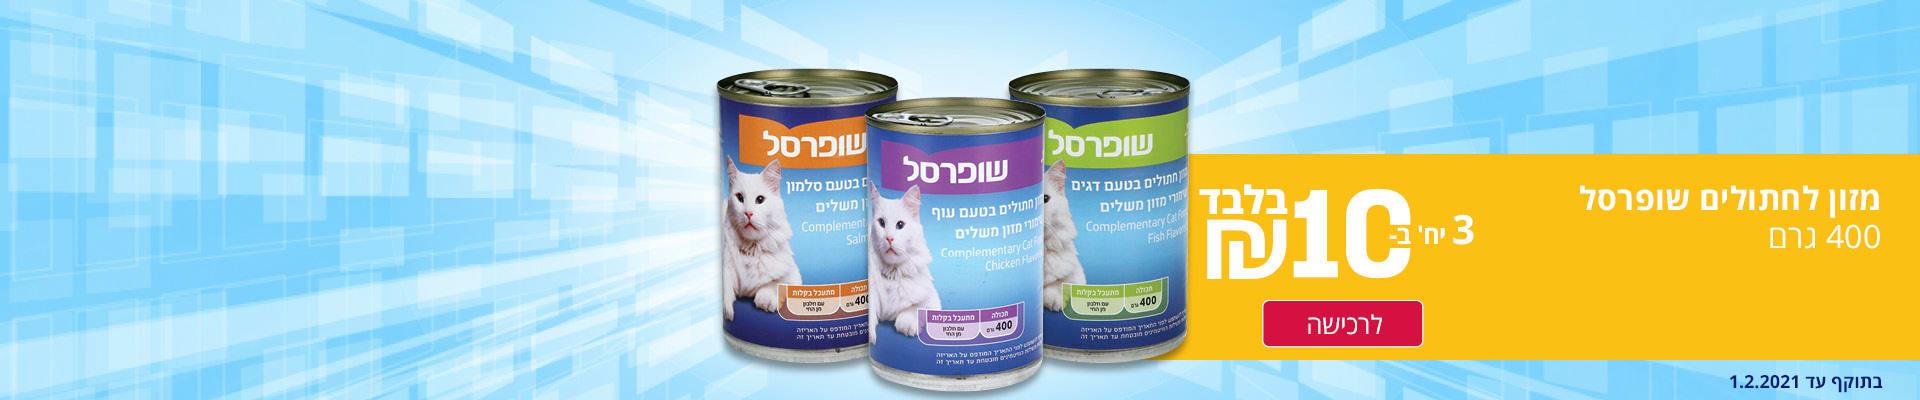 מזון לחתולים שופרסל 400 גרם 3 יח' ב- 10 ₪ בלבד לרכישה בתוקף עד 1.2.2021